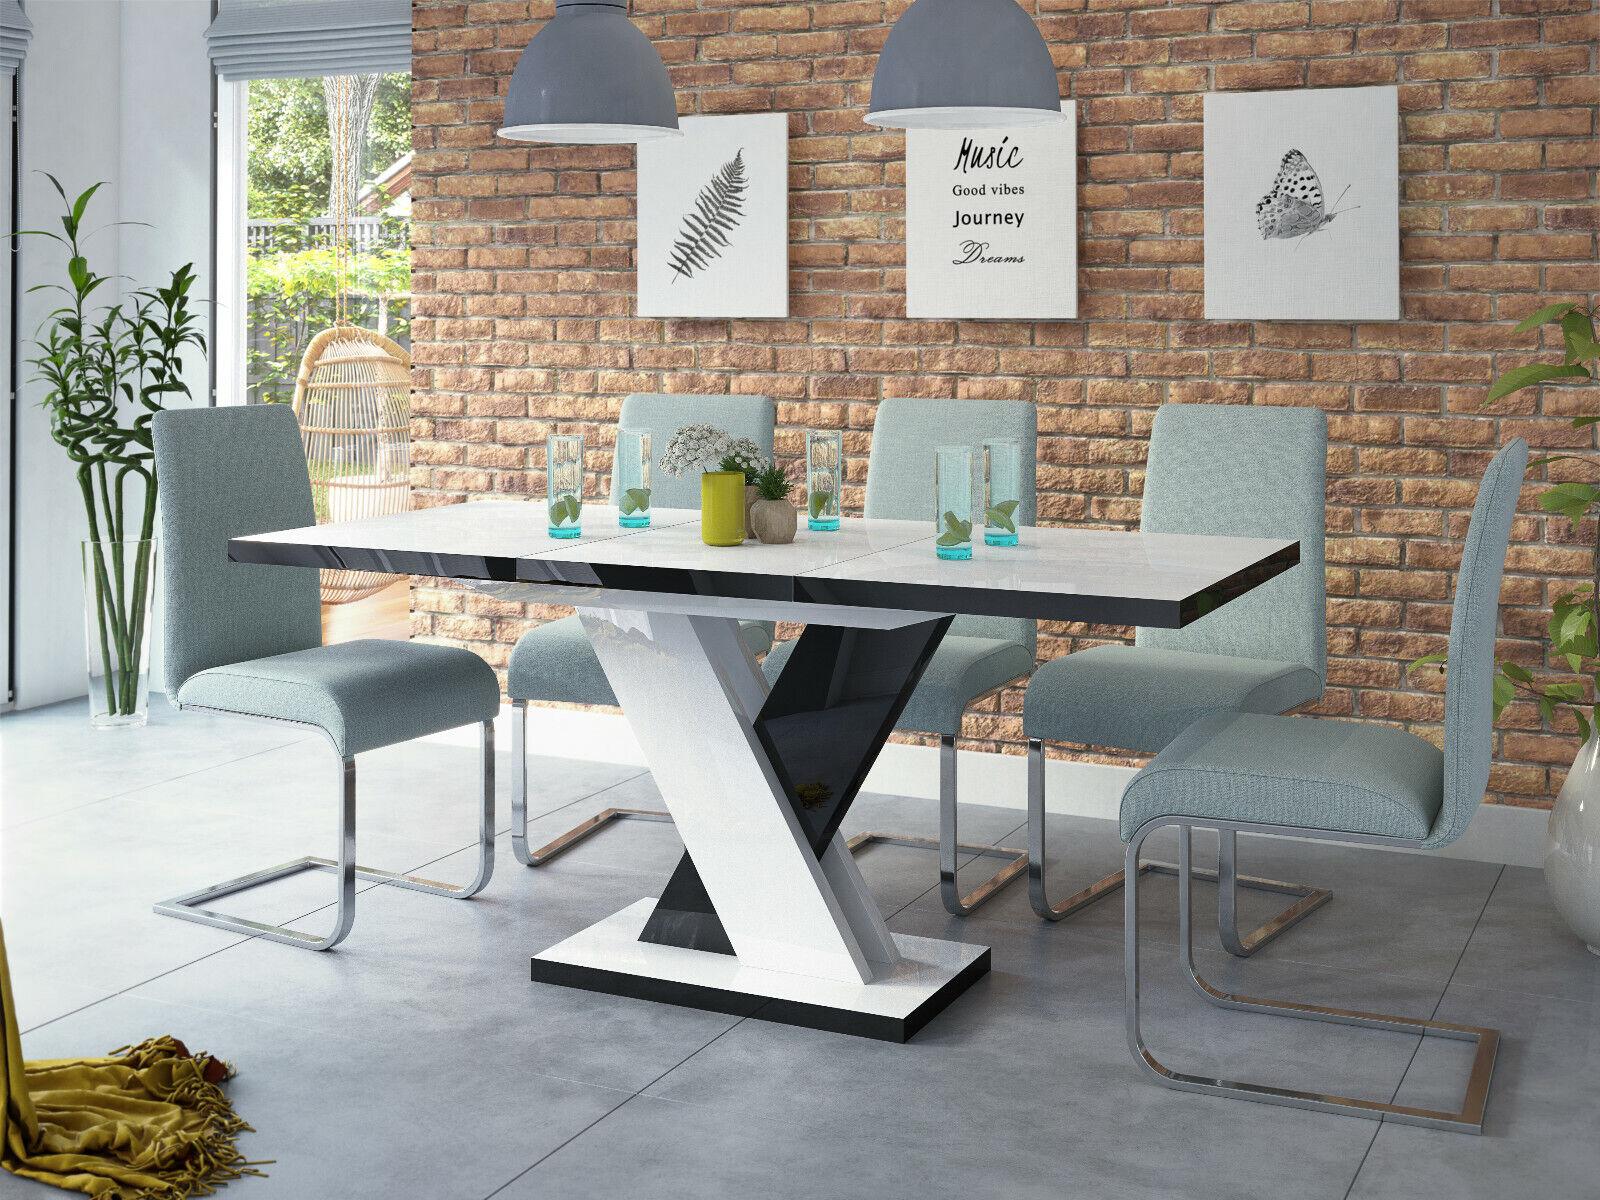 Esstisch Weiß - Schwarz Hochglanz 120 (170) cm Ausziehbar Acryl SENOSAN Design